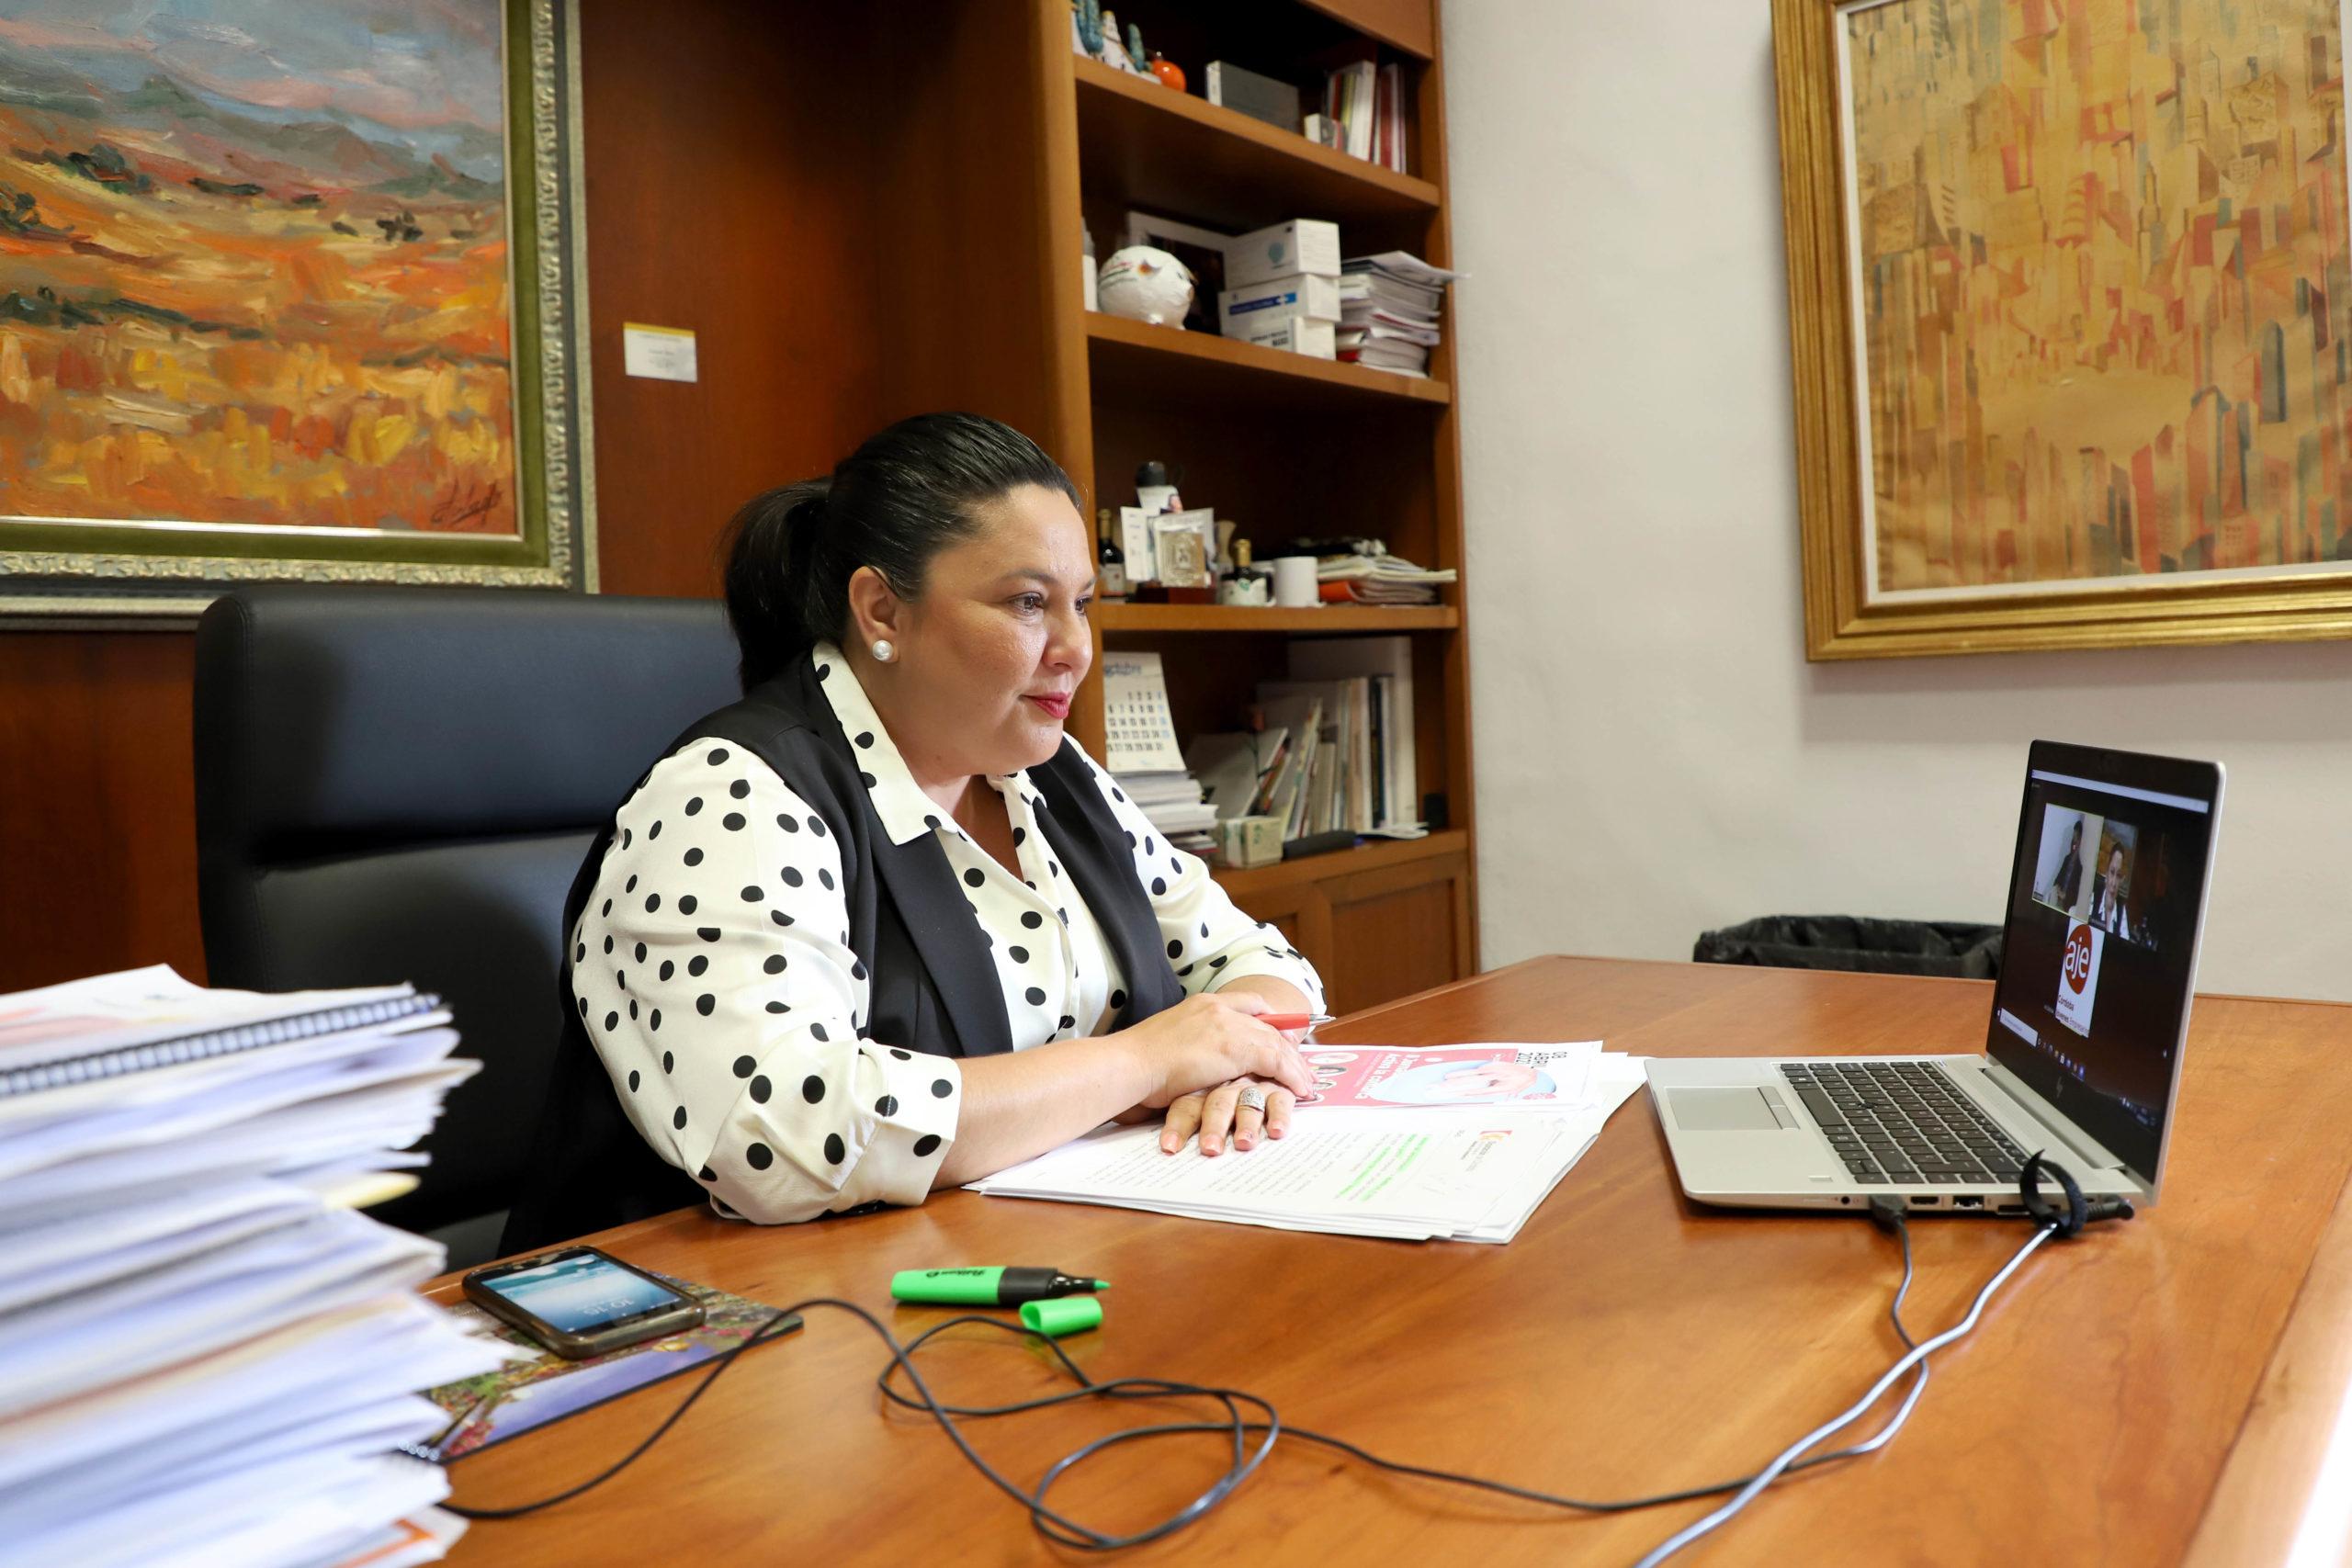 La Diputación de Córdoba y AJE impulsan unas jornadas para fomentar el espíritu emprendedor en los municipios de la provincia